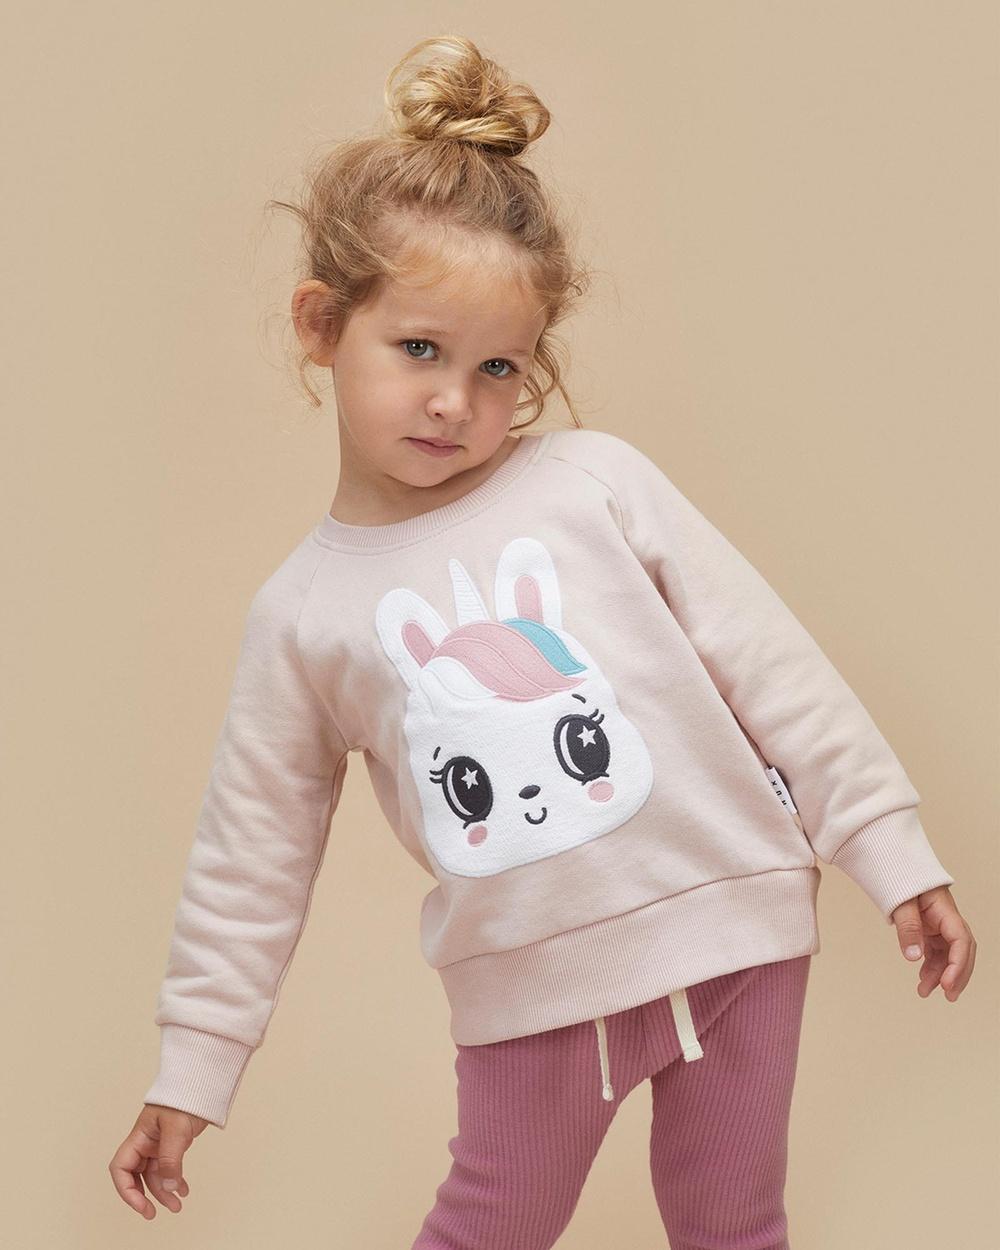 Huxbaby ICONIC EXCLUSIVE Unicorn Sweatshirt Babies Kids Sweats Rose Babies-Kids